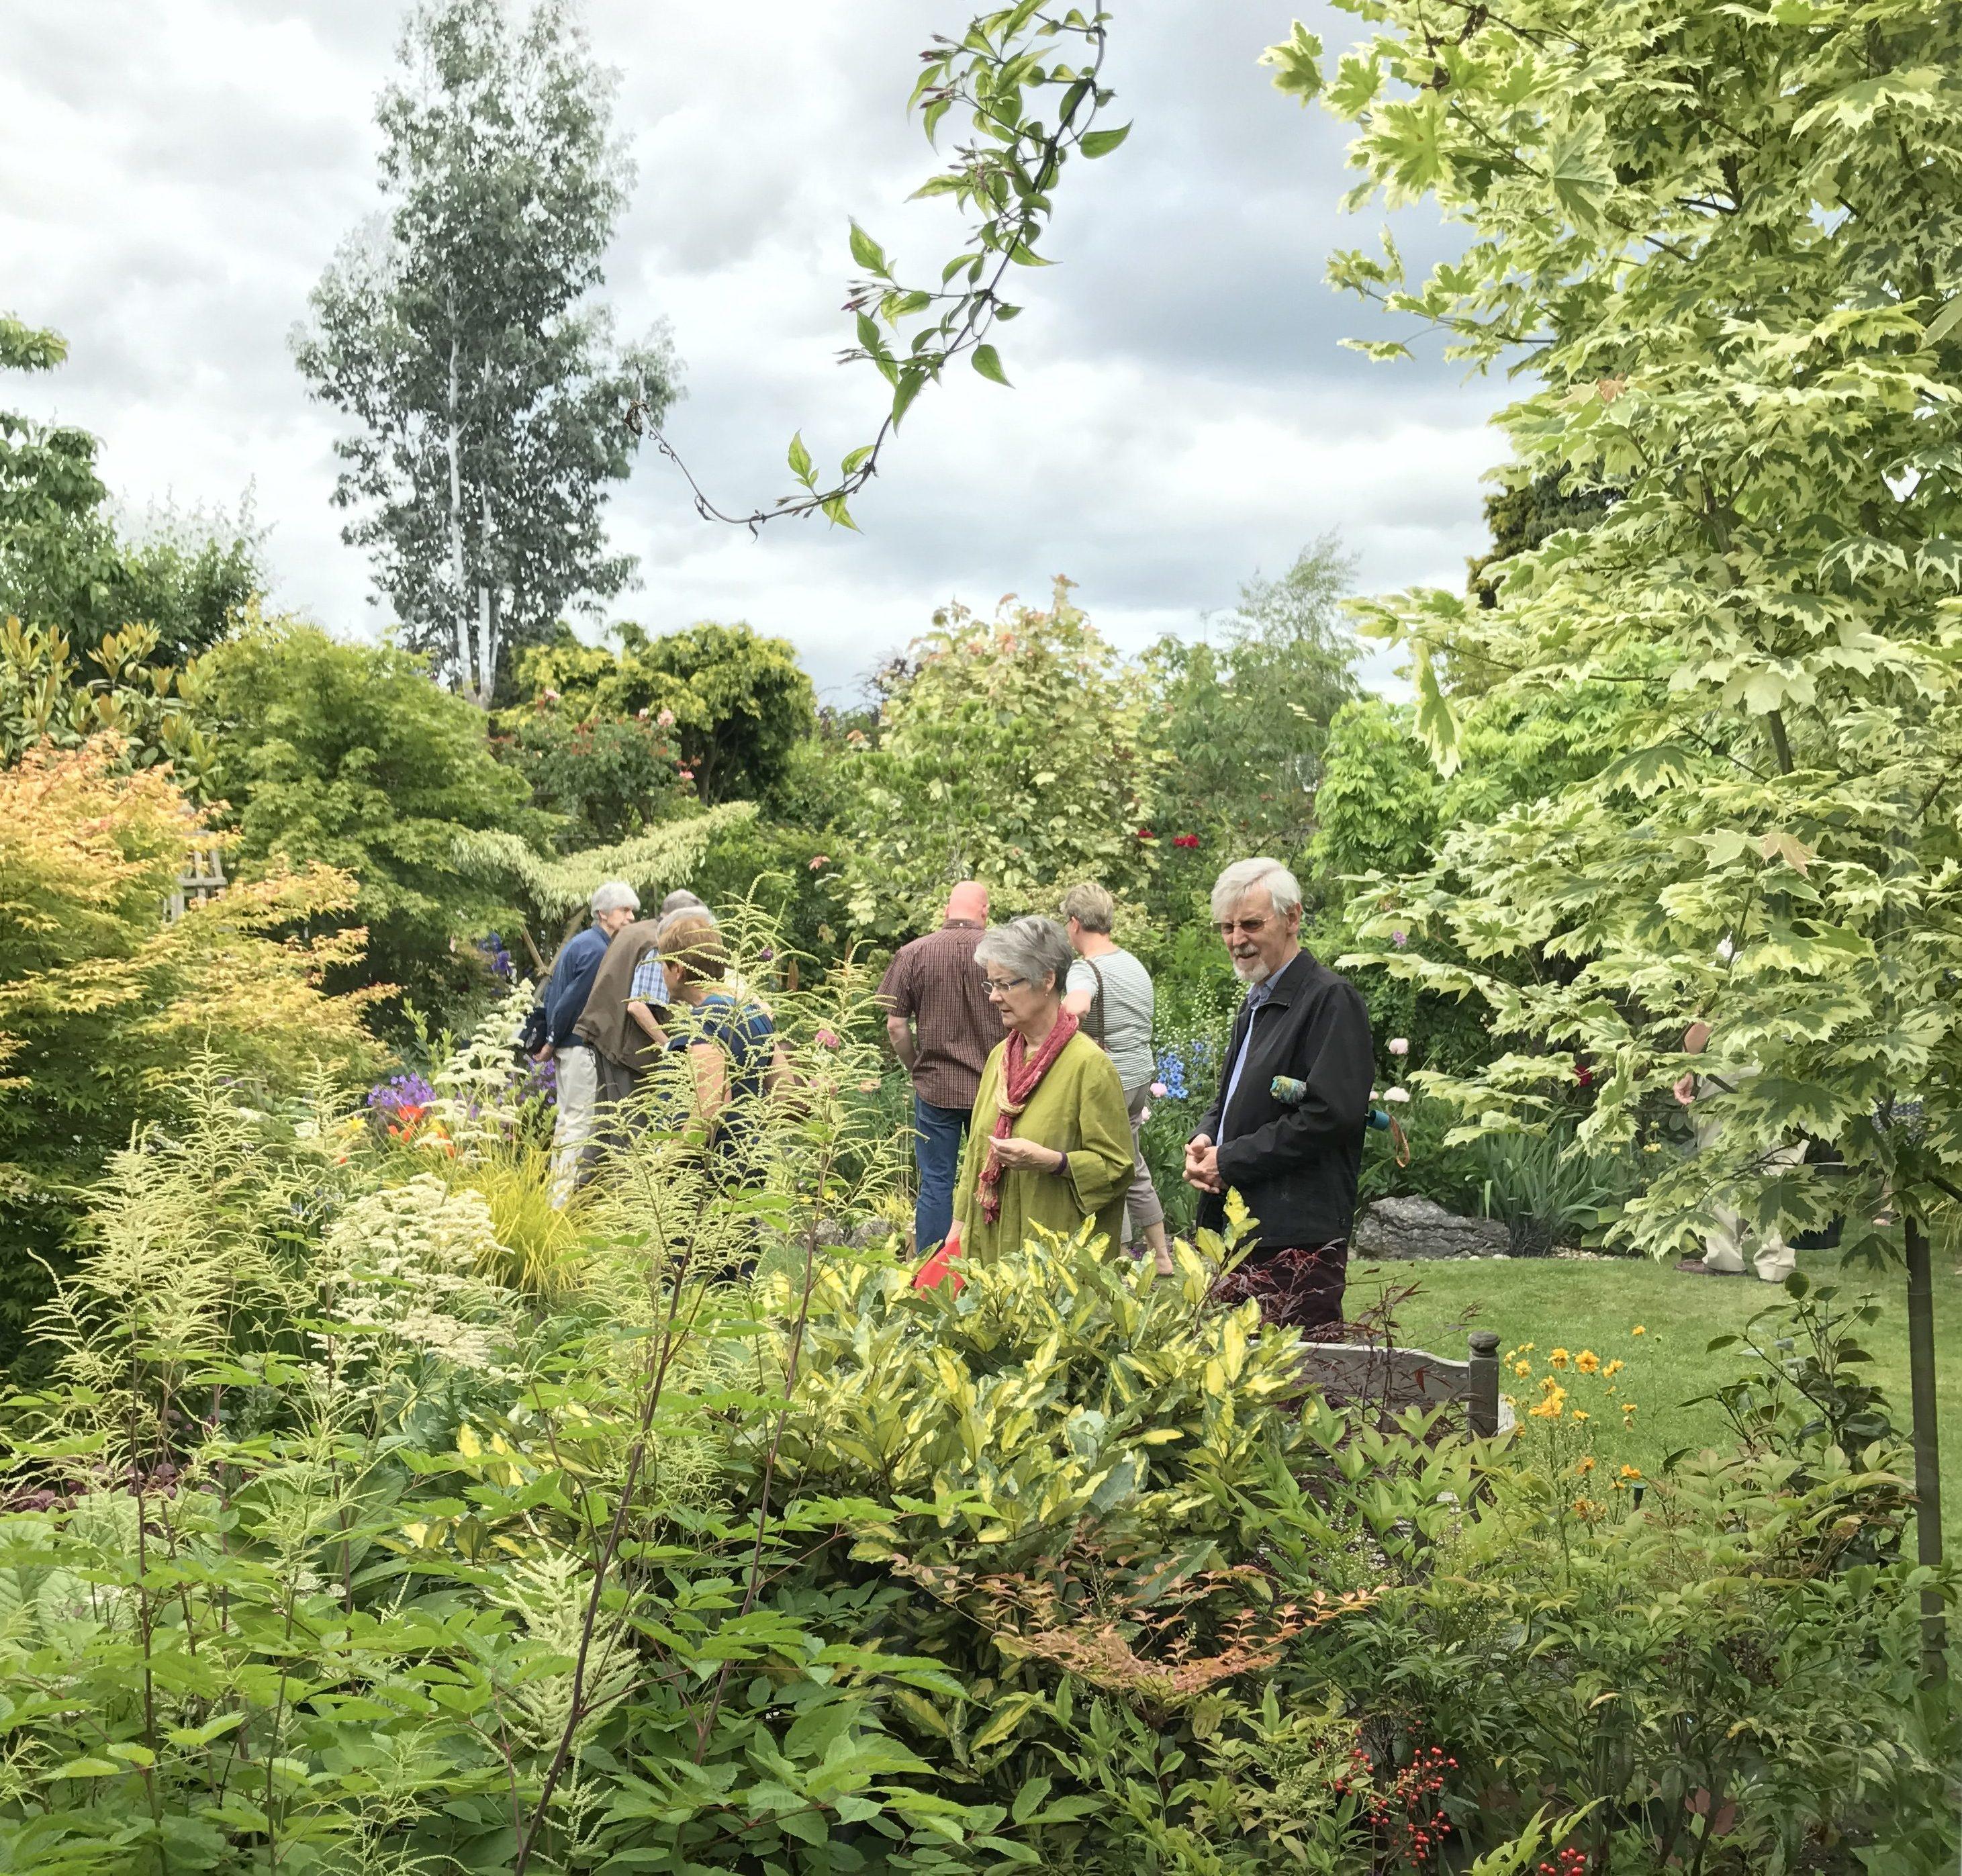 イギリスの庭 English Garden